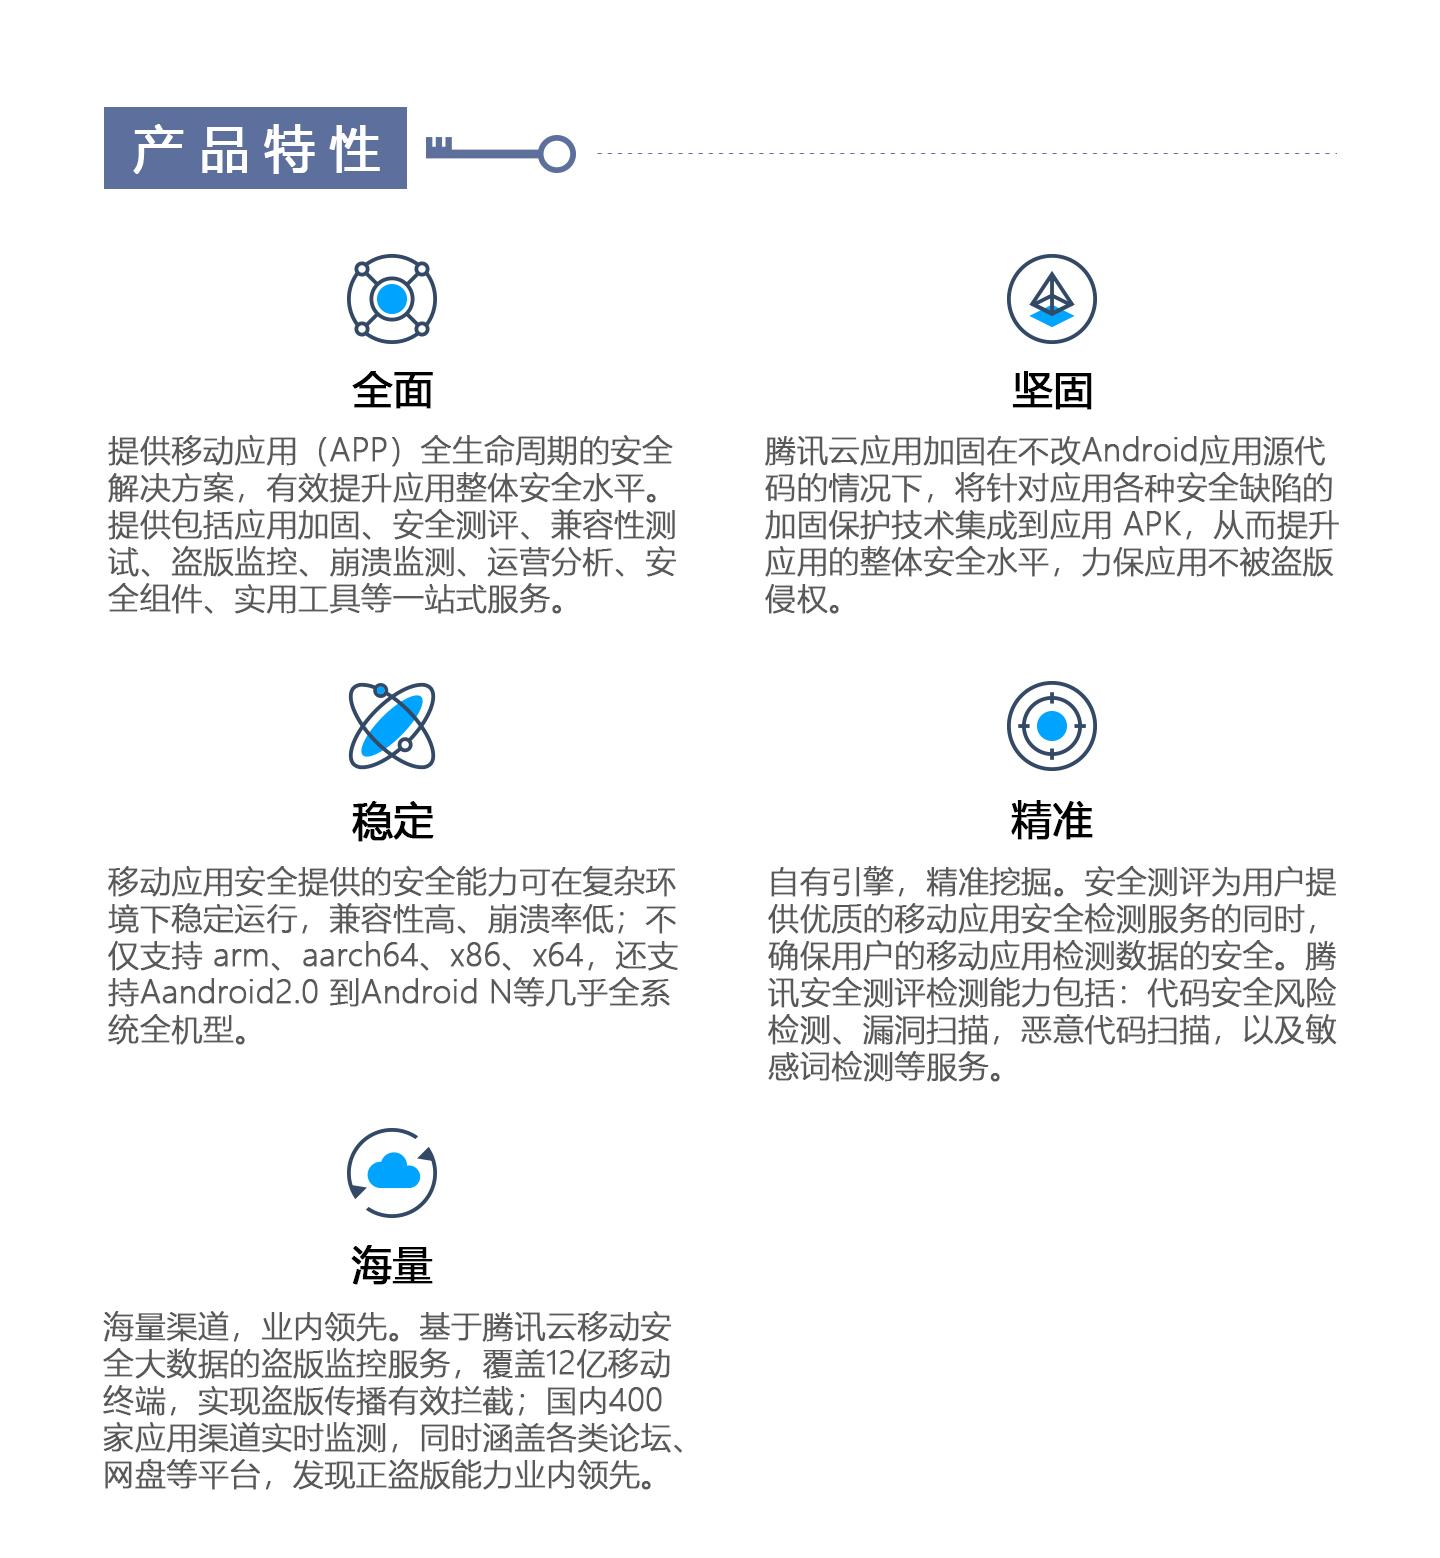 移动应用1440_02.jpg